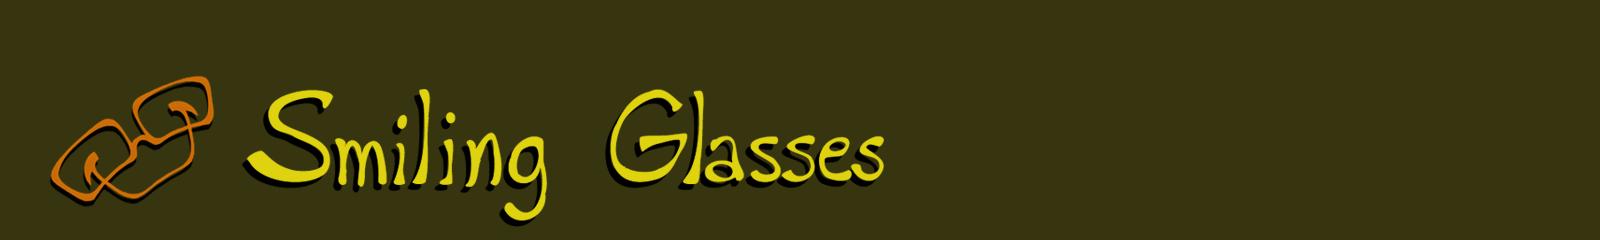 Smiling Glasses